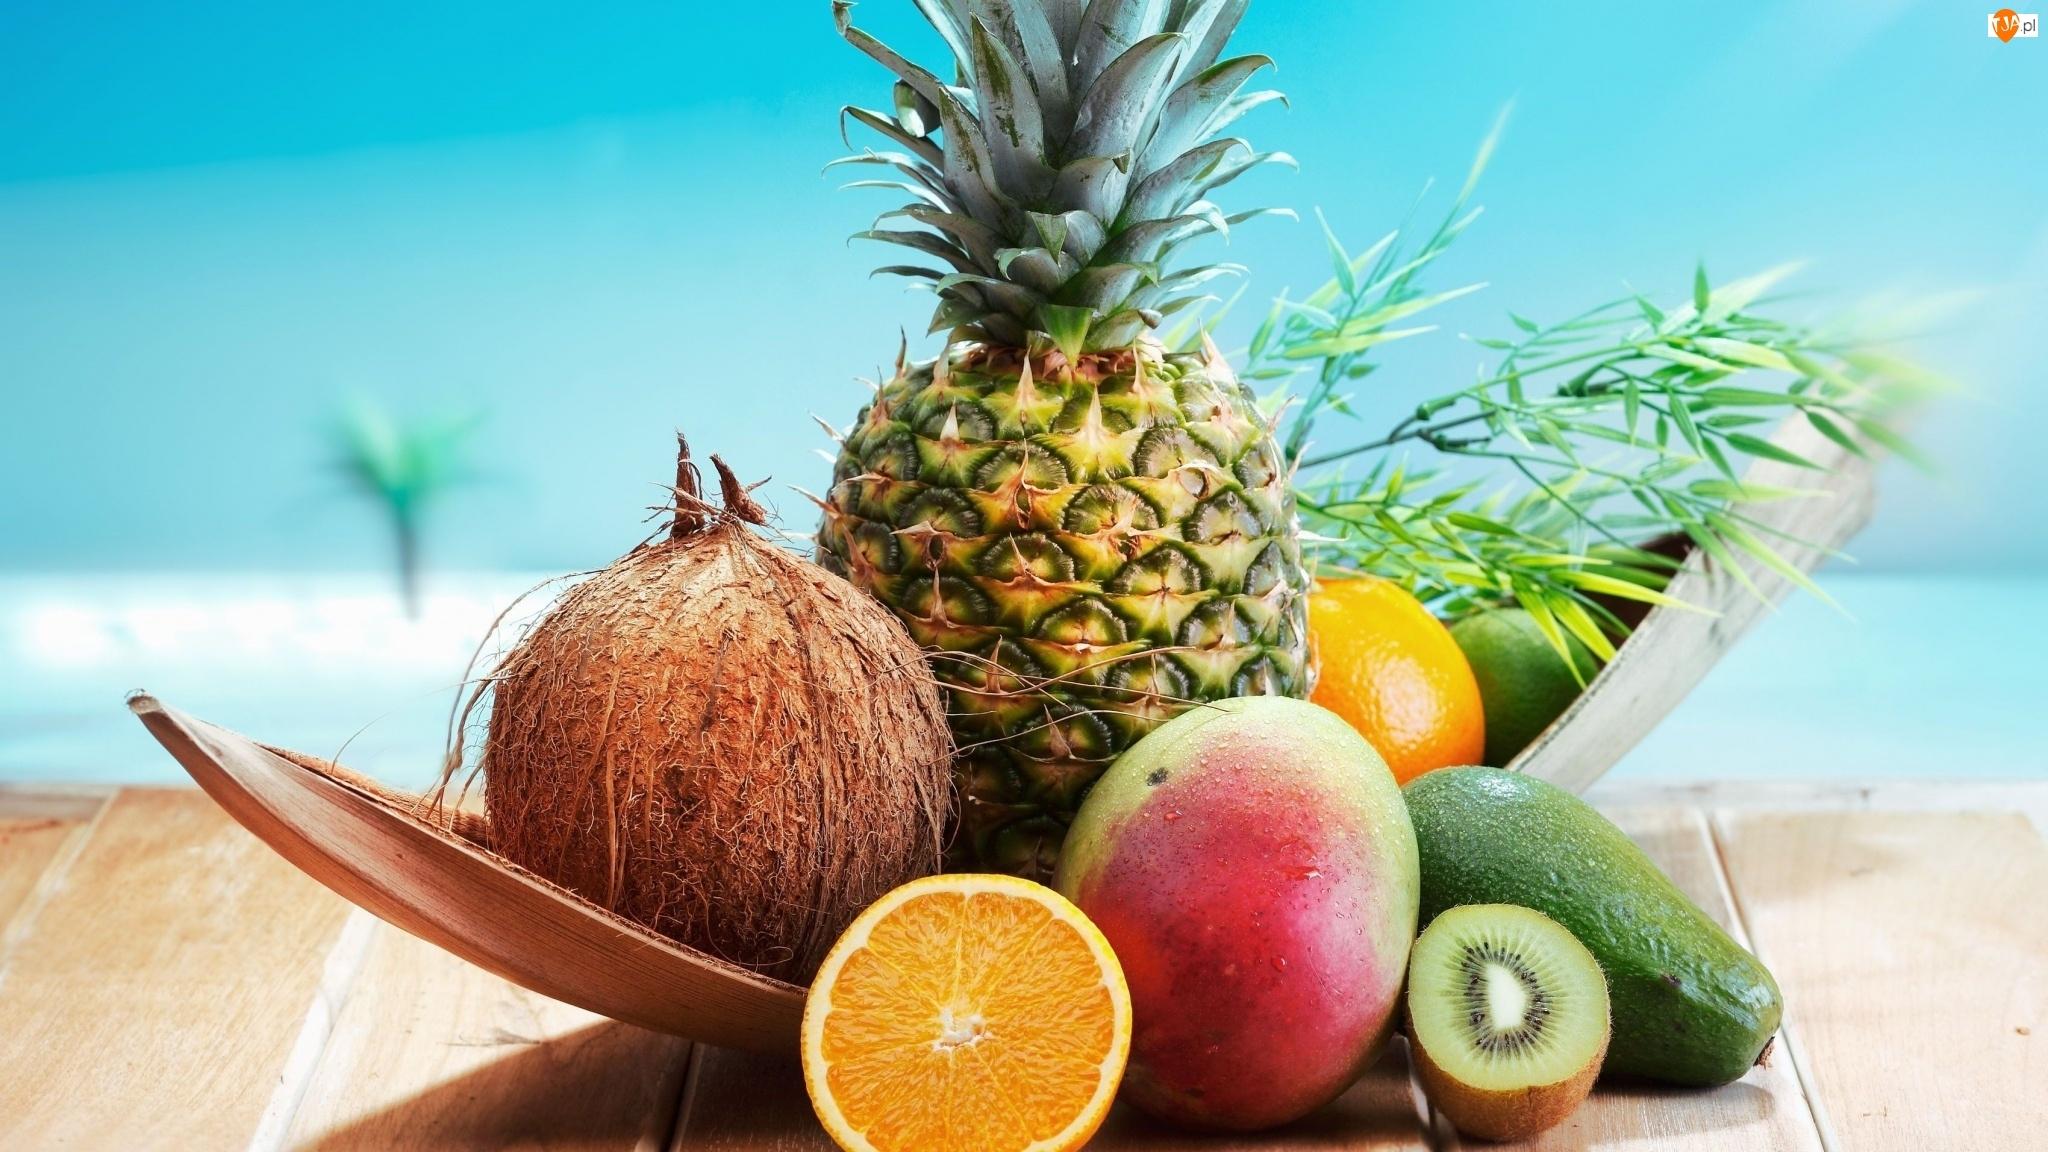 Mango, Kiwi, Awokado, Owoce, Pomarańcza, Ananas, Kokos